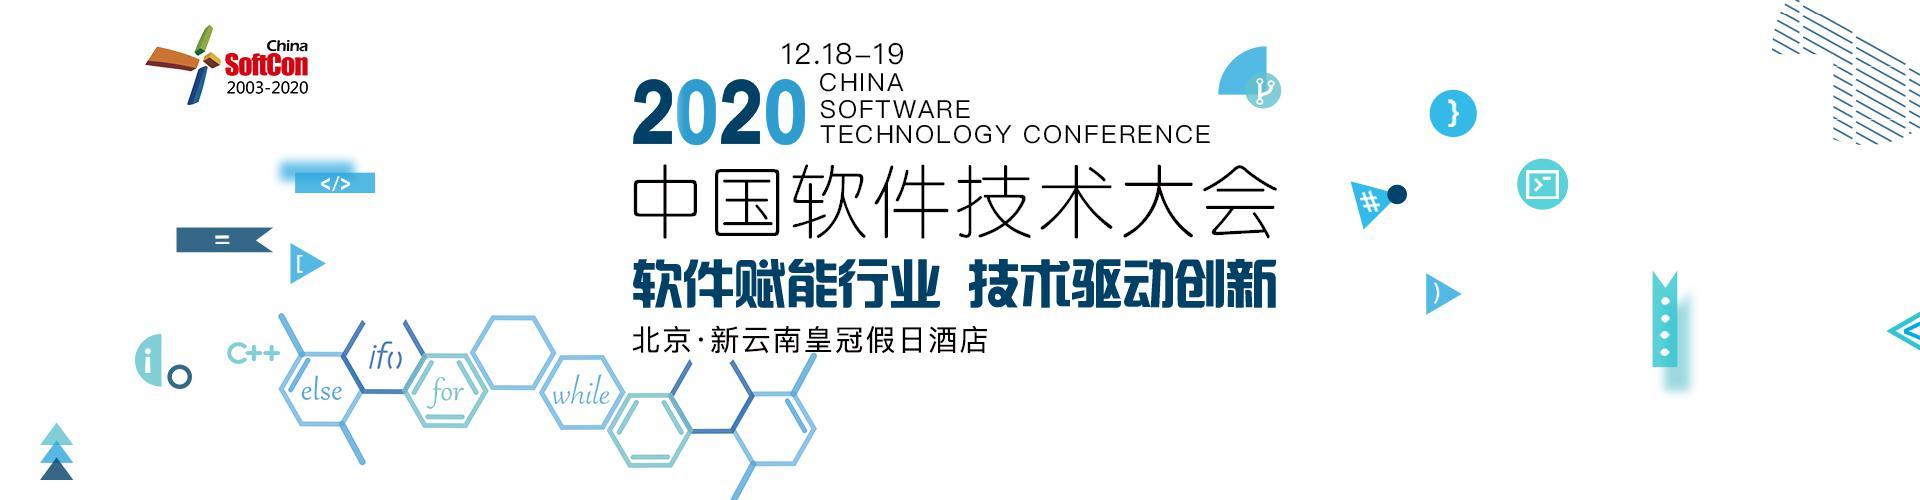 2020中国软件技术大会,本届峰会采用现场峰会和云上峰会同时举办的形式!